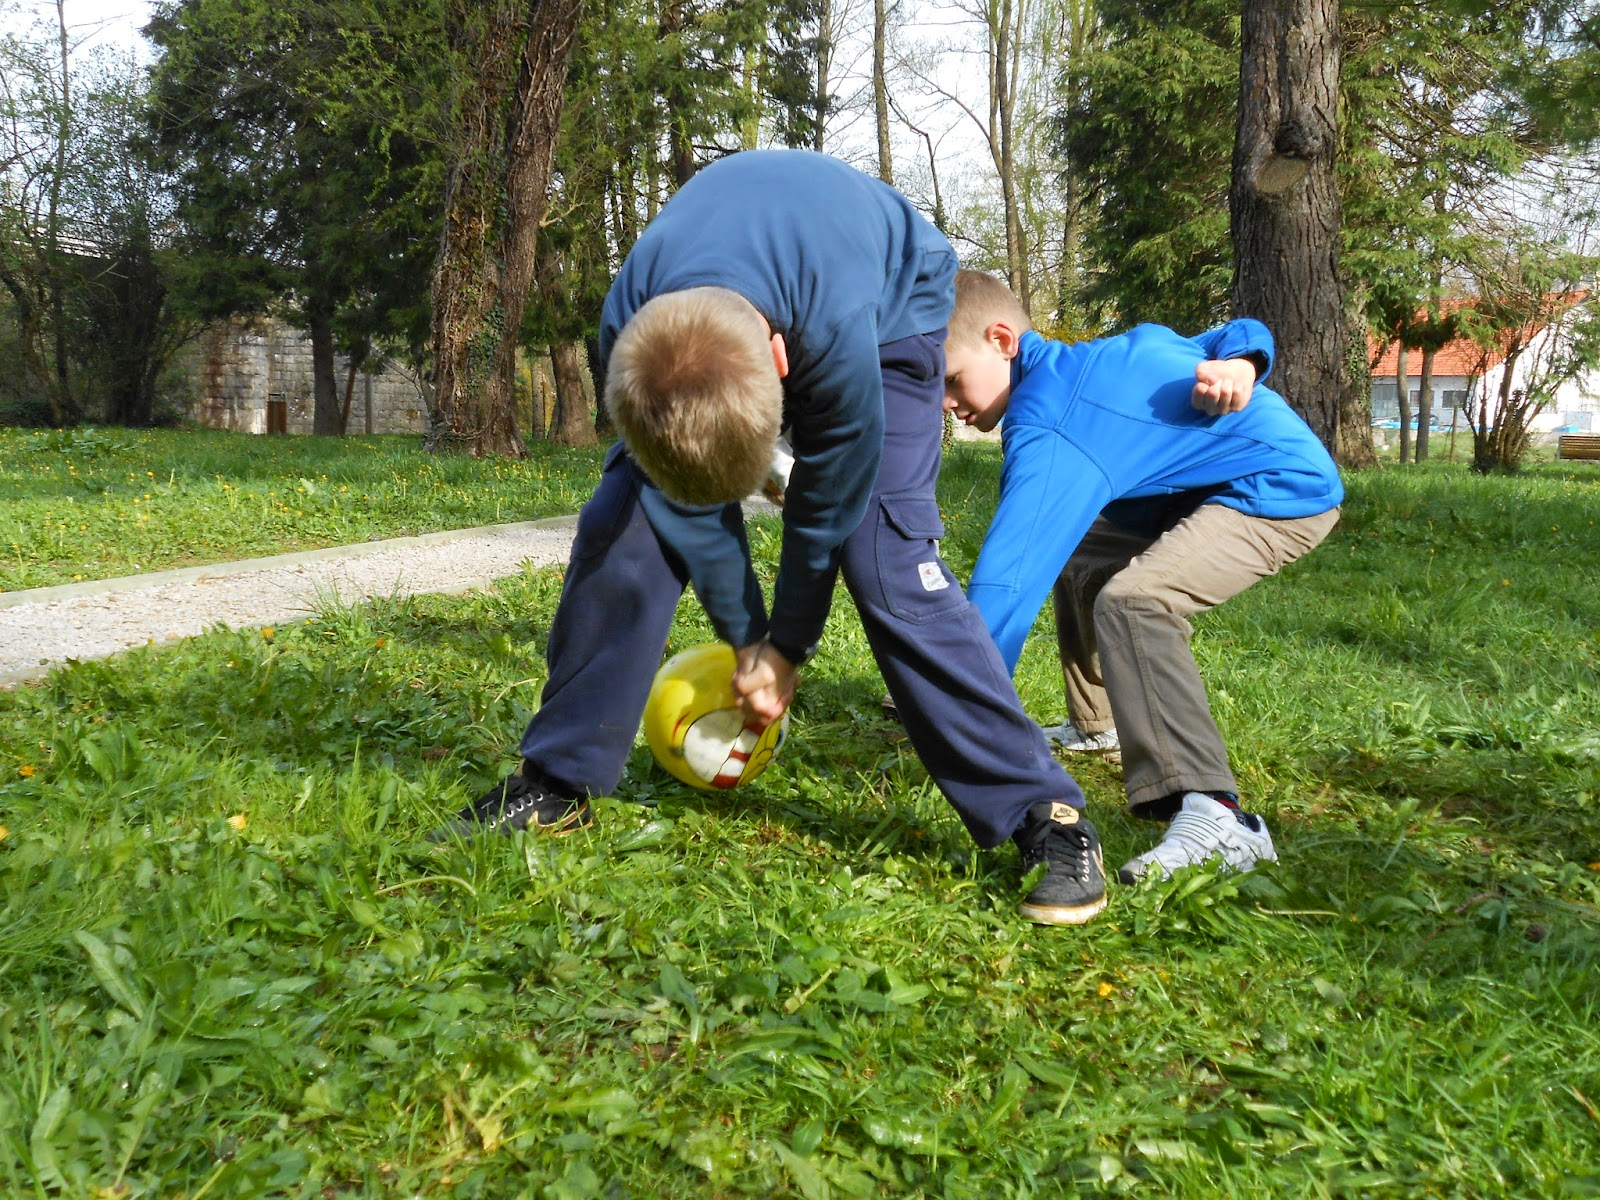 Športni dan 4. razred, 4. april 2014, Ilirska Bistrica - DSCN3326.JPG